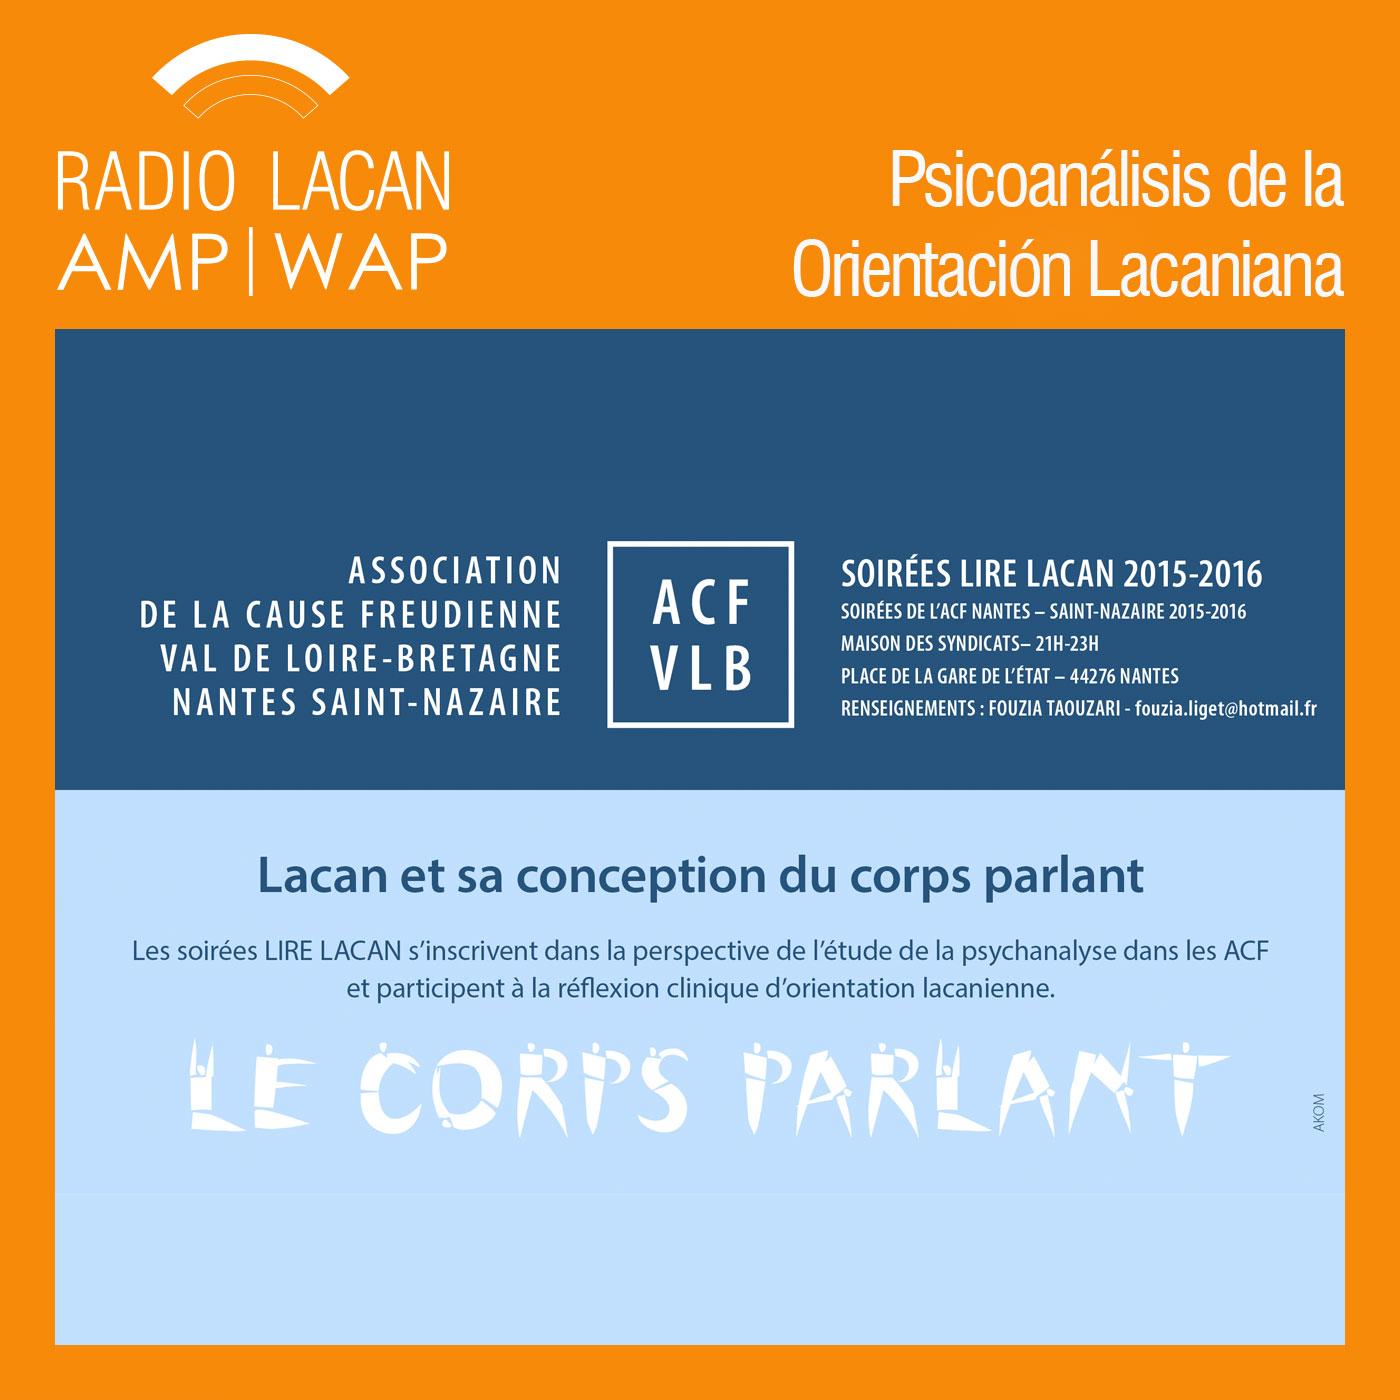 RadioLacan.com | <![CDATA[Noche de la ACF - Leer Lacan. Lacan y su concepción del cuerpo hablante]]>